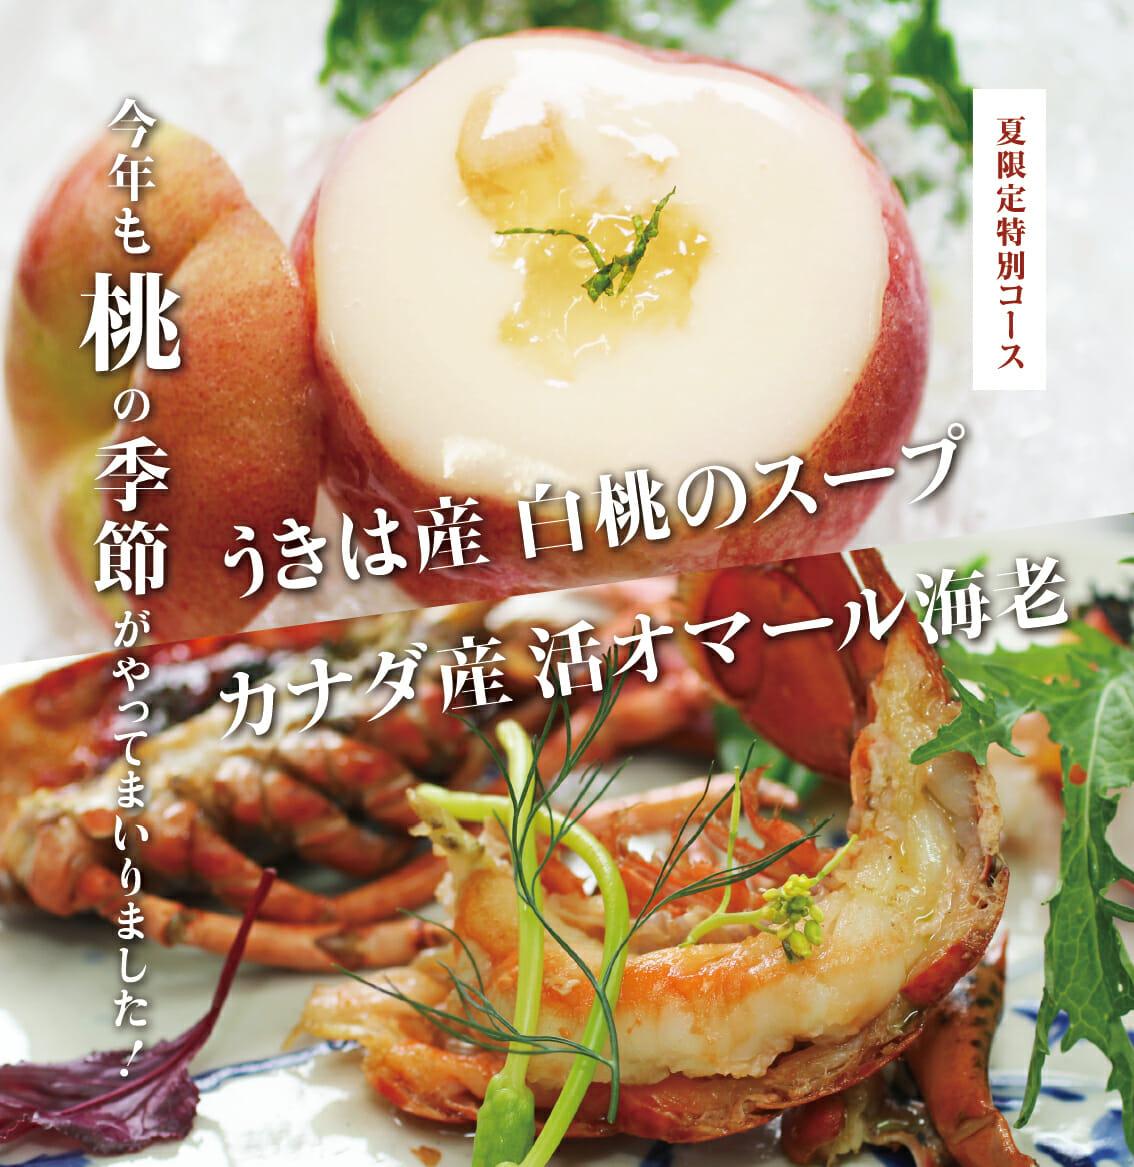 今年も桃の季節がやってまいりました!(夏限定特別コース)うきは産 白桃のスープ / カナダ産活オマール海老